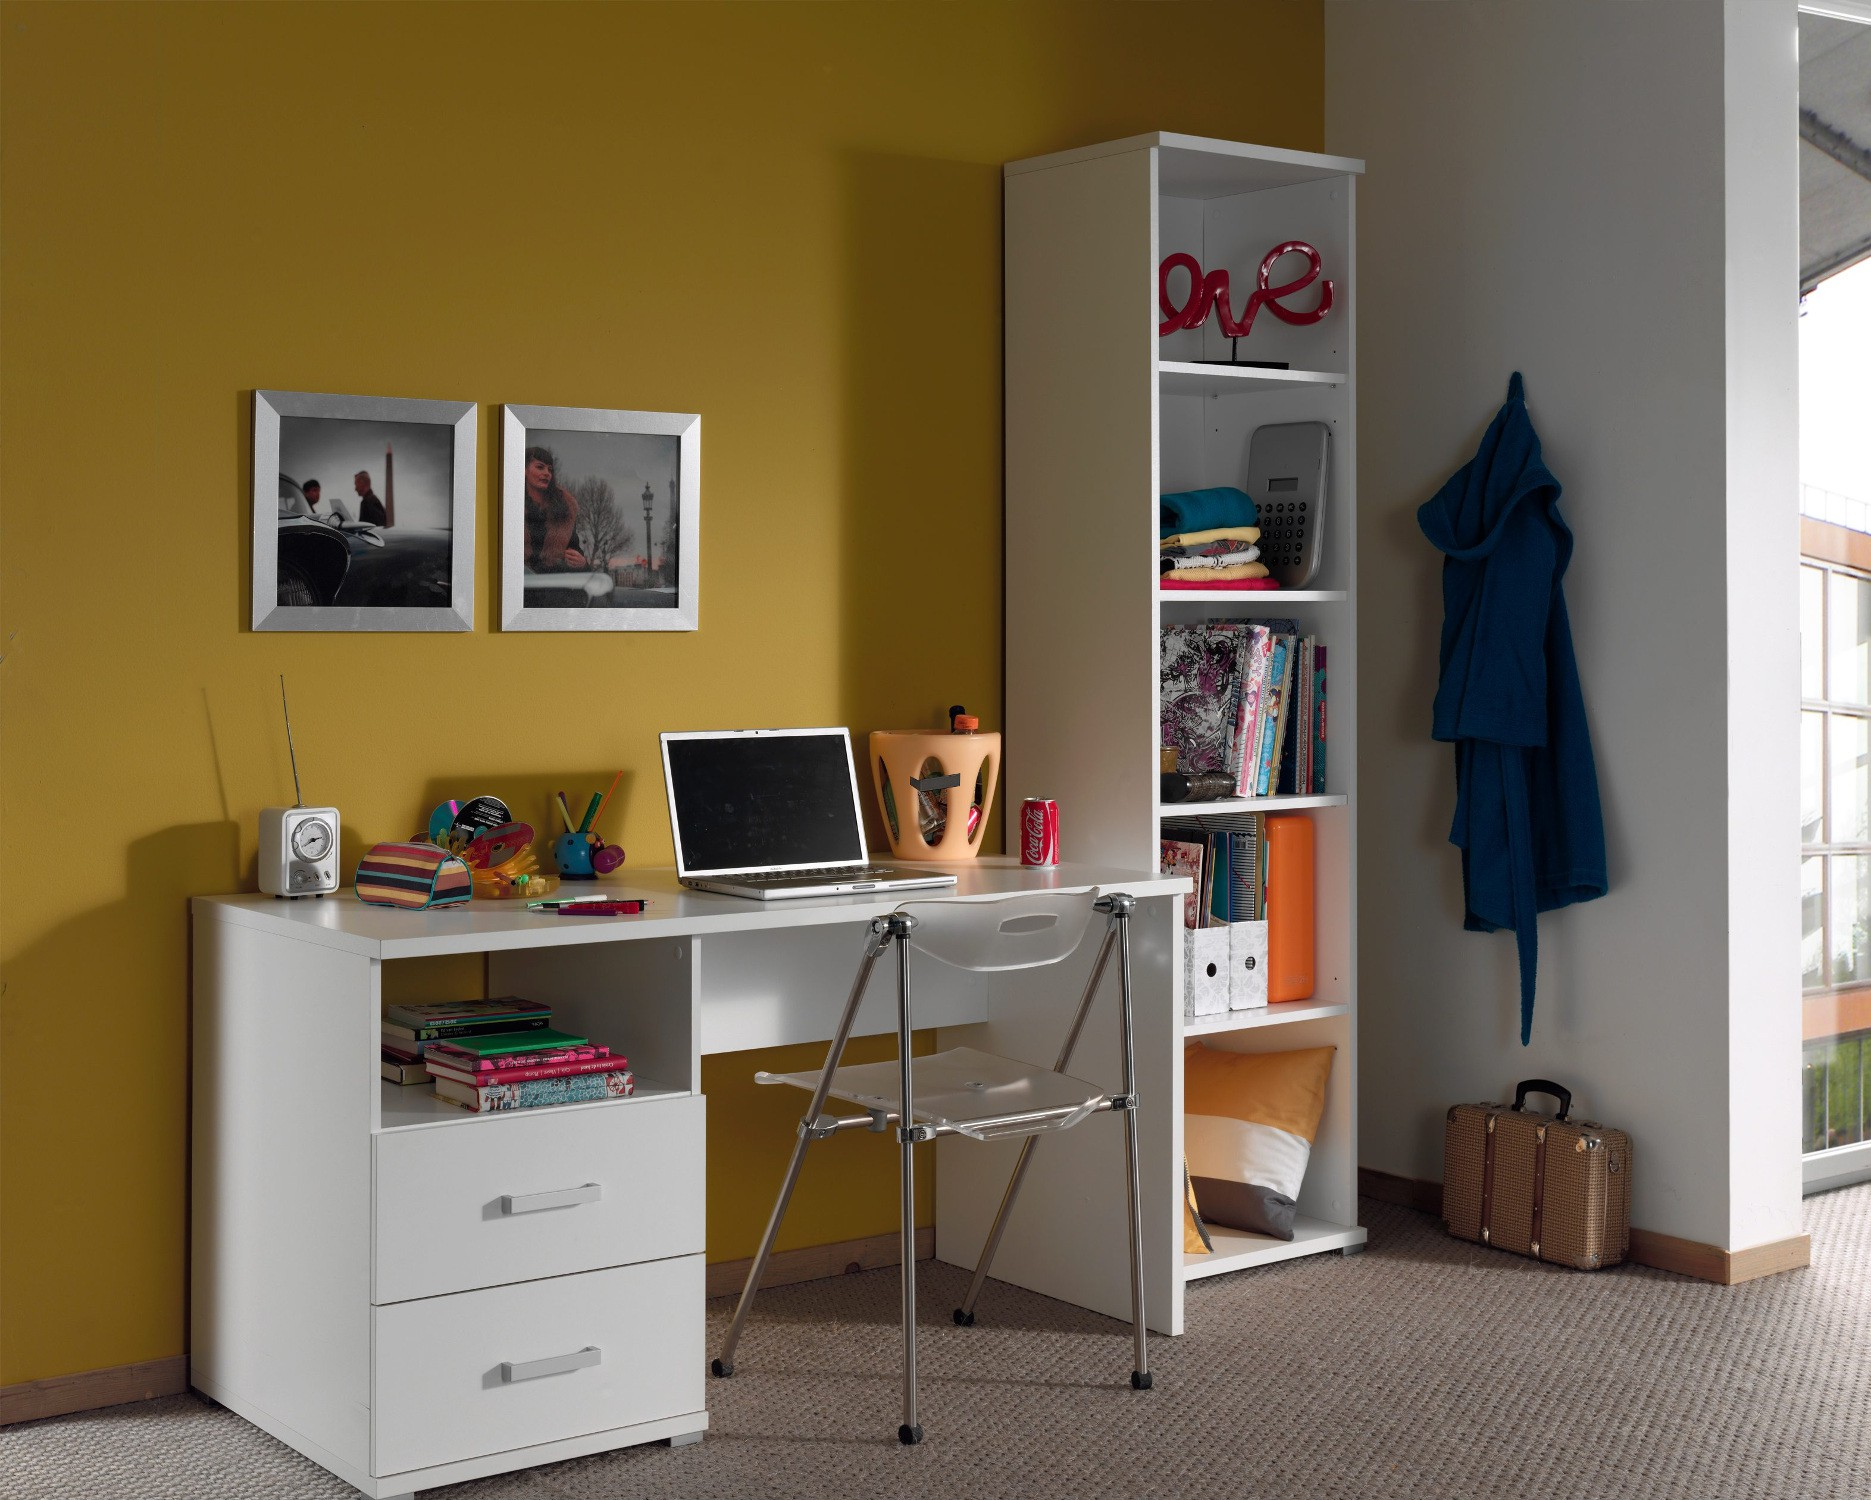 Fabelhaft Regal Schreibtisch Das Beste Von Jugendzimmer Milan - Komplett Mit Und